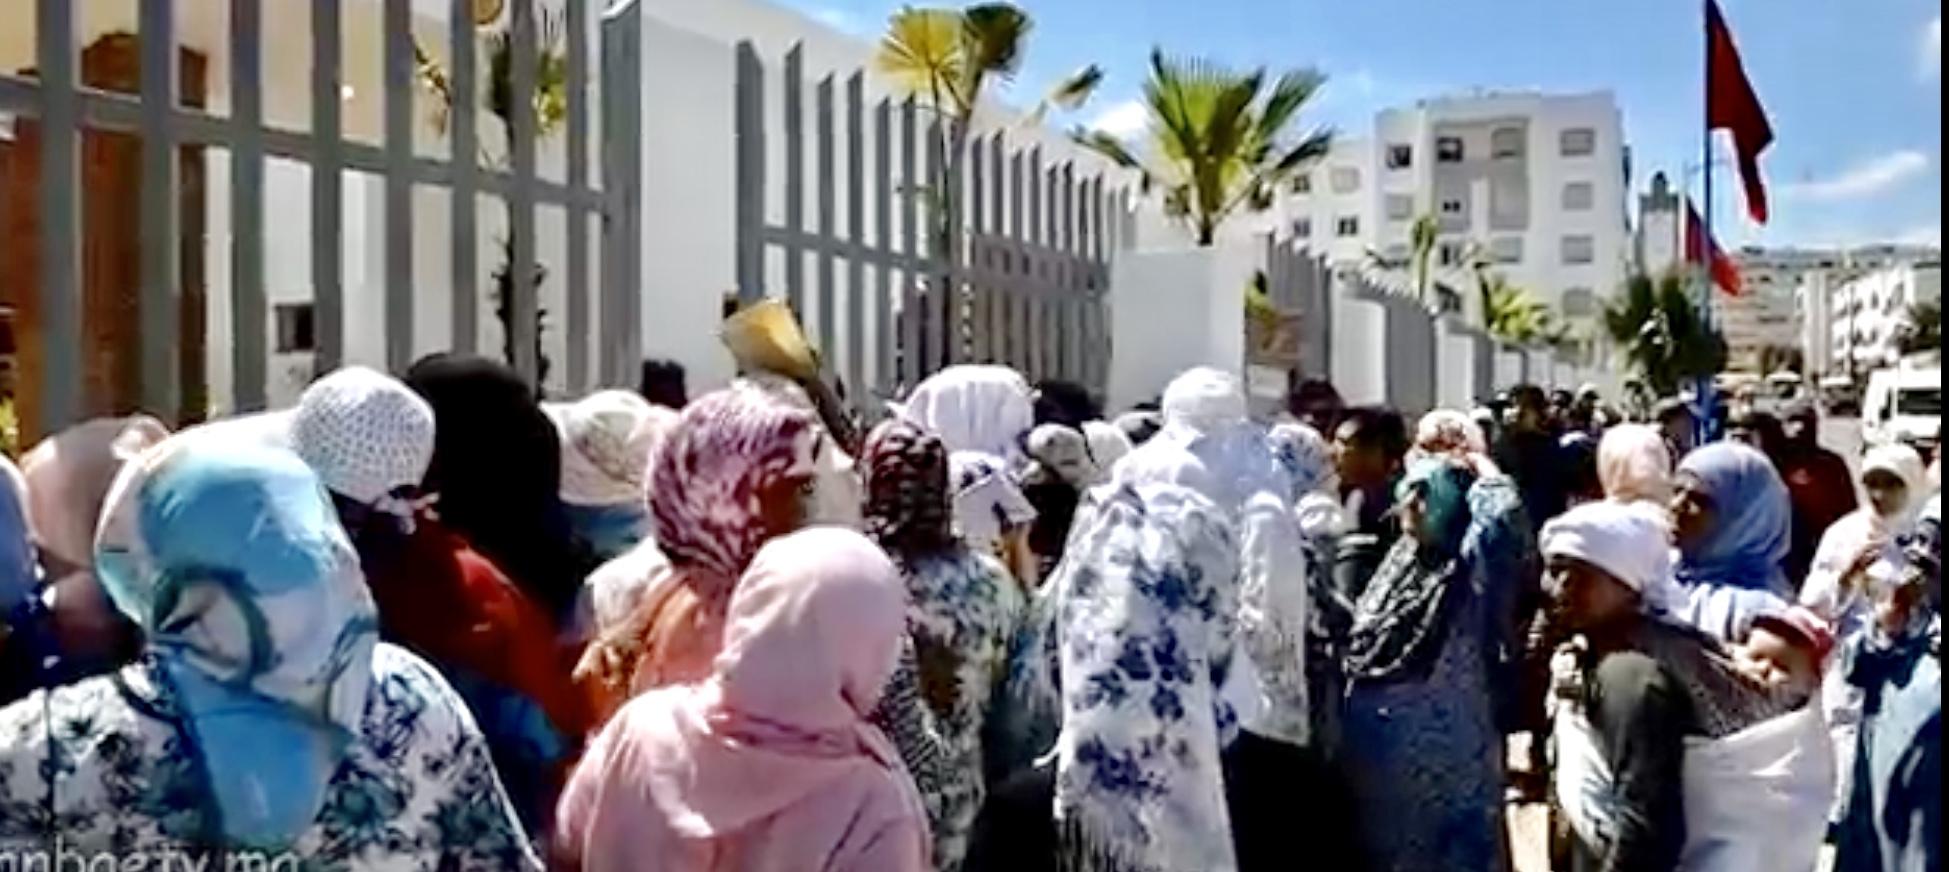 المديرية الجهوية للصحة بالدار البيضاء توضح ما وقع بمستشفى سيدي مومن !